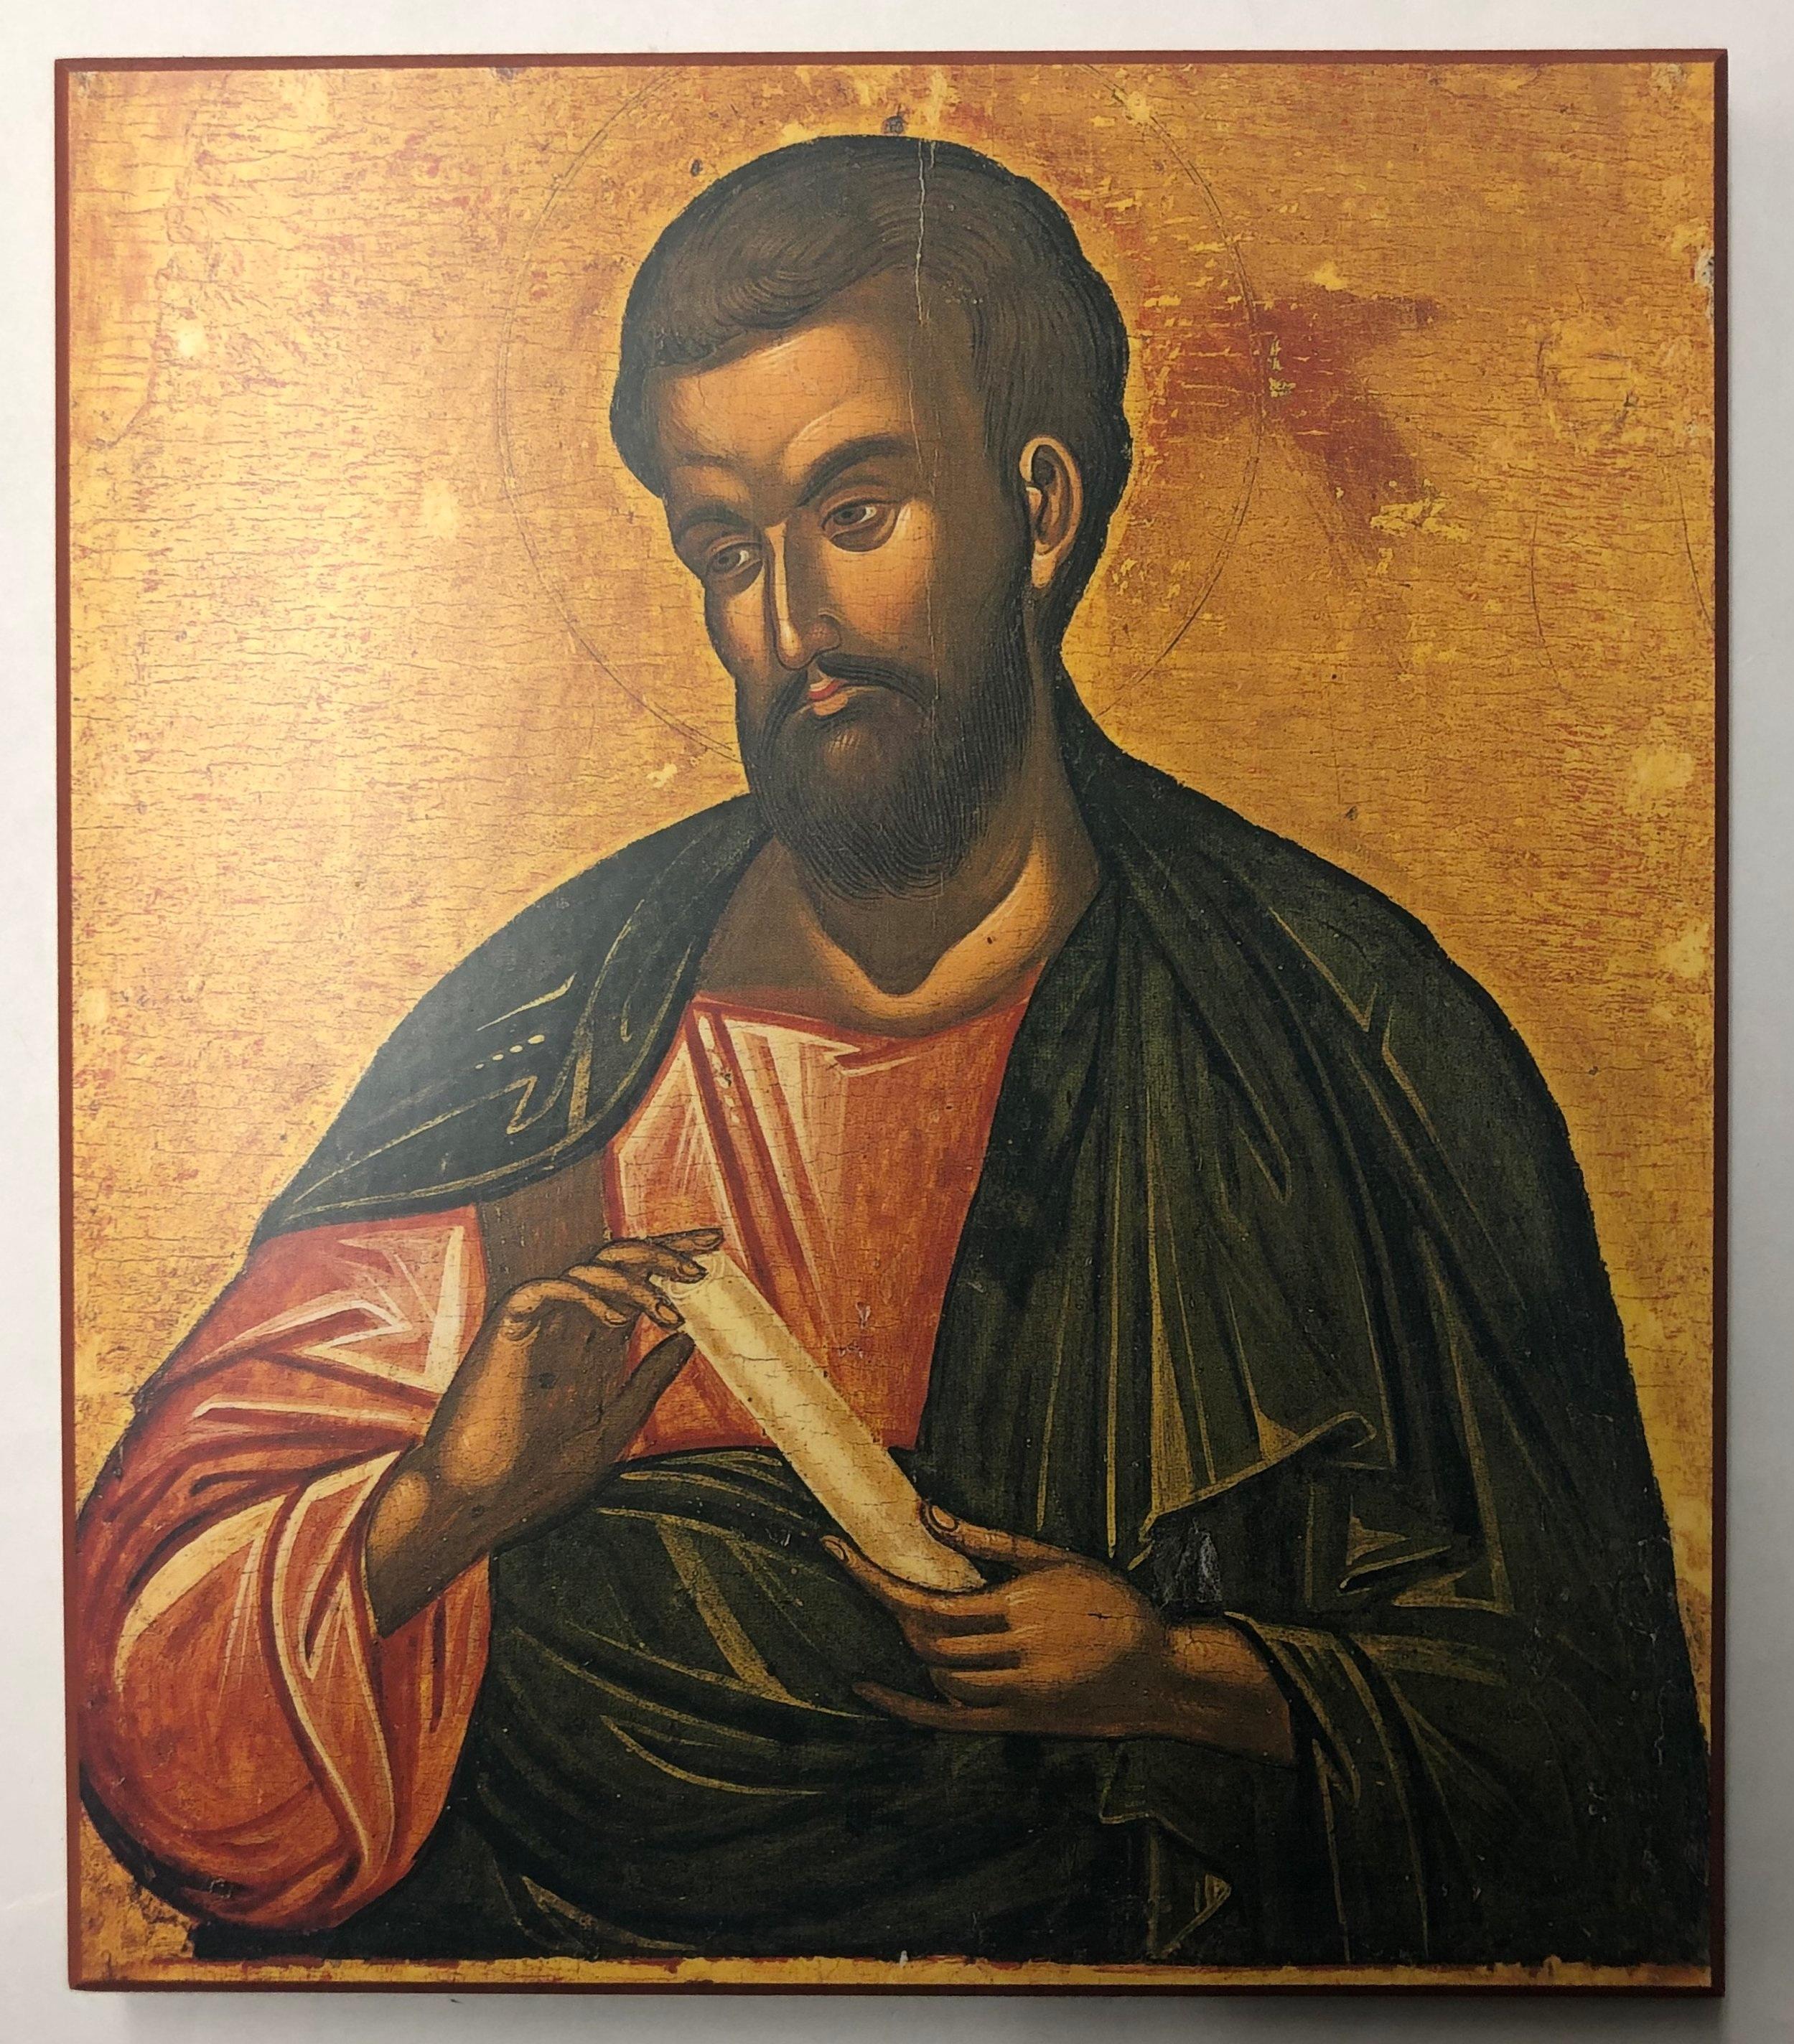 St+Bartholomew+Icon+Image.jpg